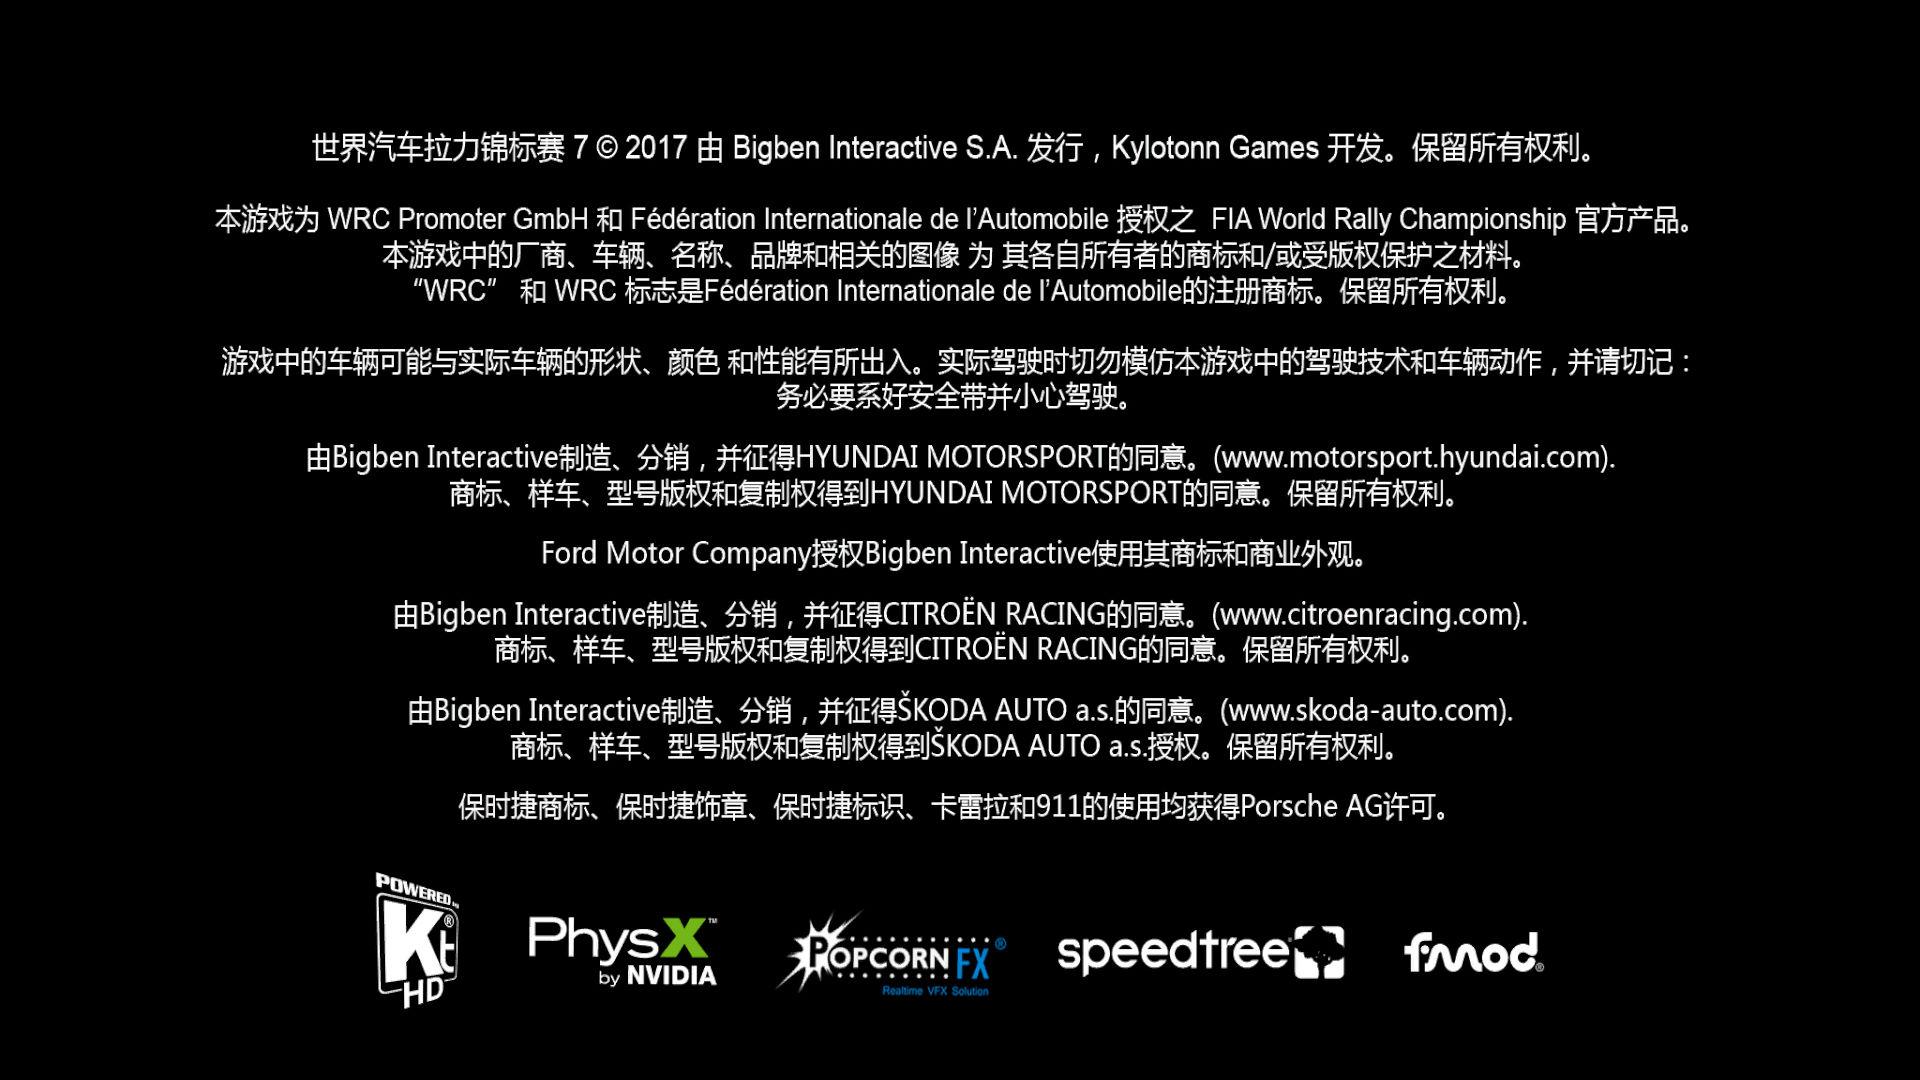 世界汽车拉力锦标赛7 中文截图